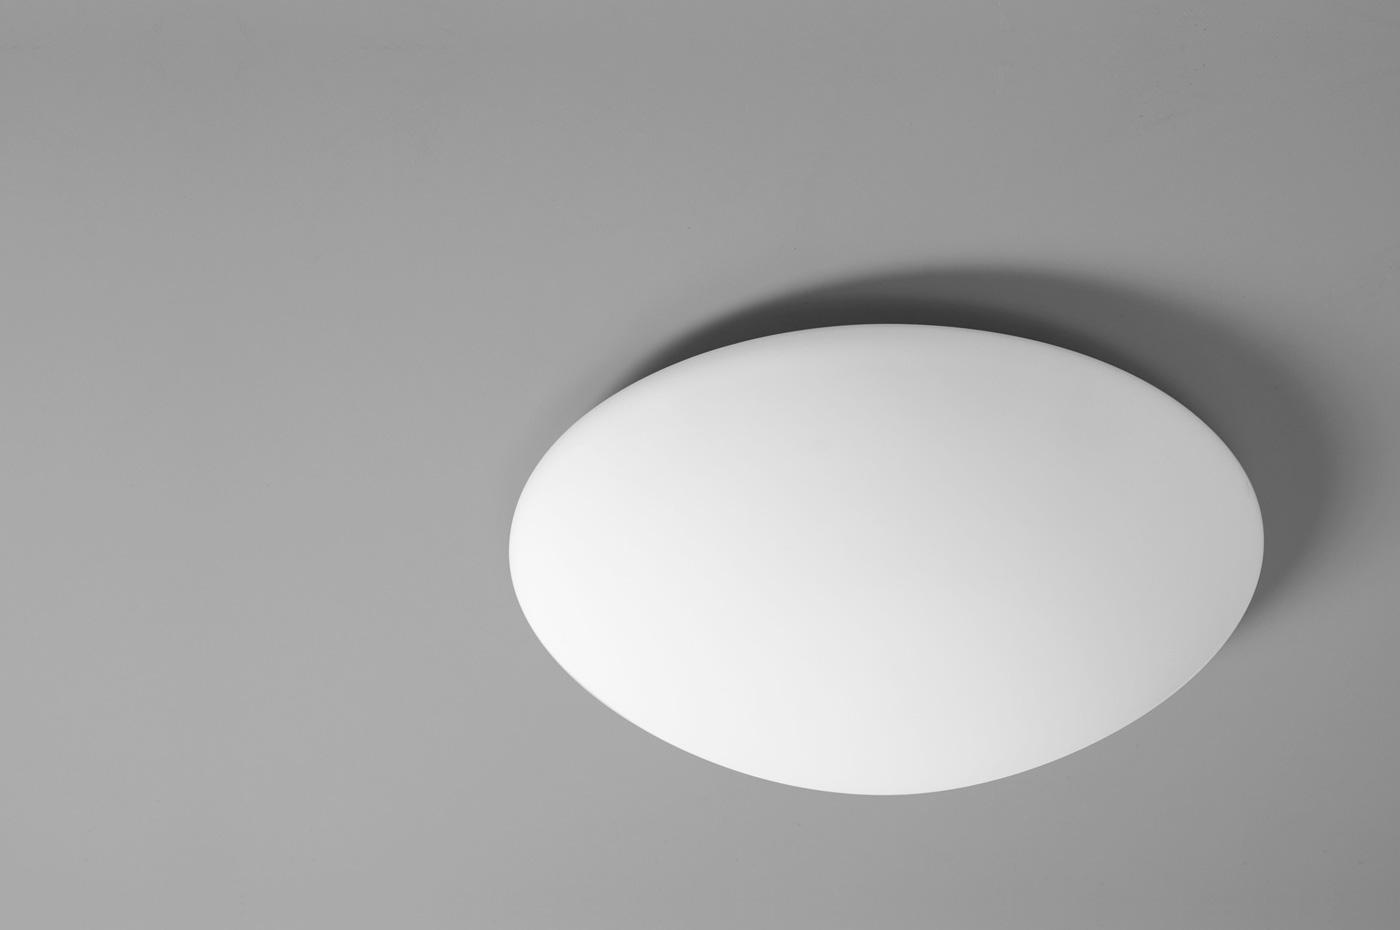 Ceiling - Info - Bagno, Design, Arredobagno, Arredamento bagno ...